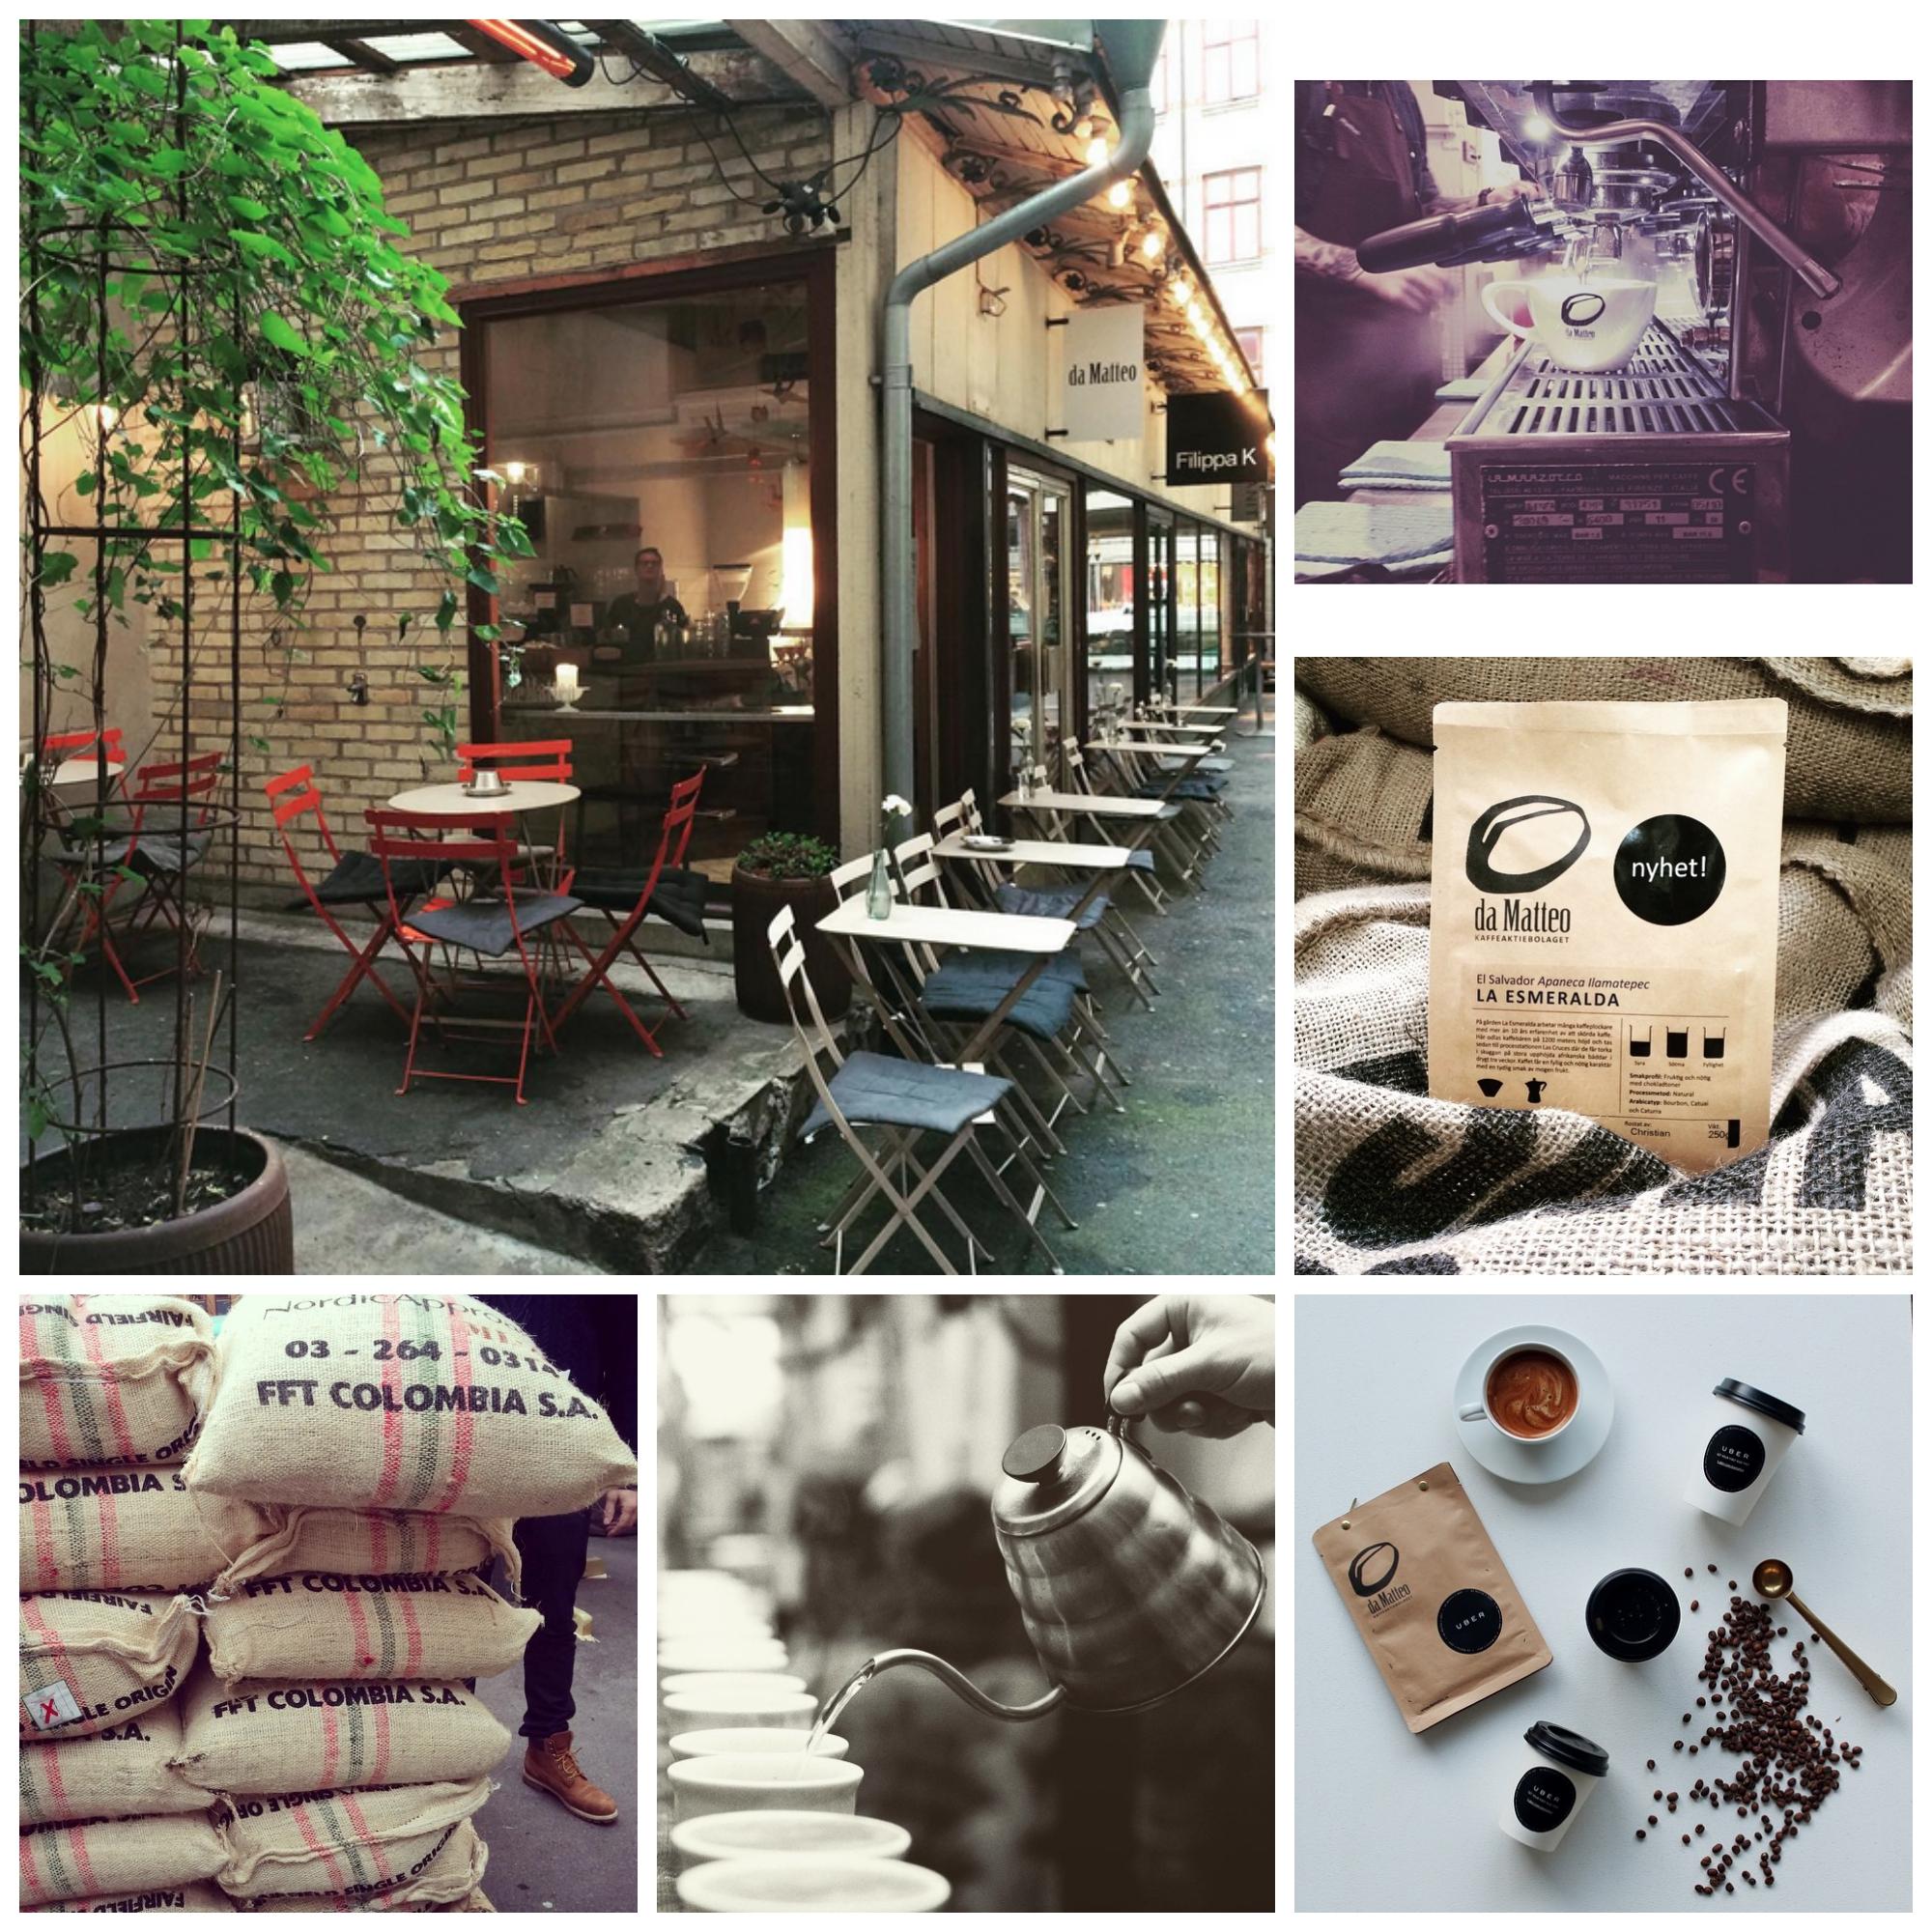 Da Matteo Instagram Collage